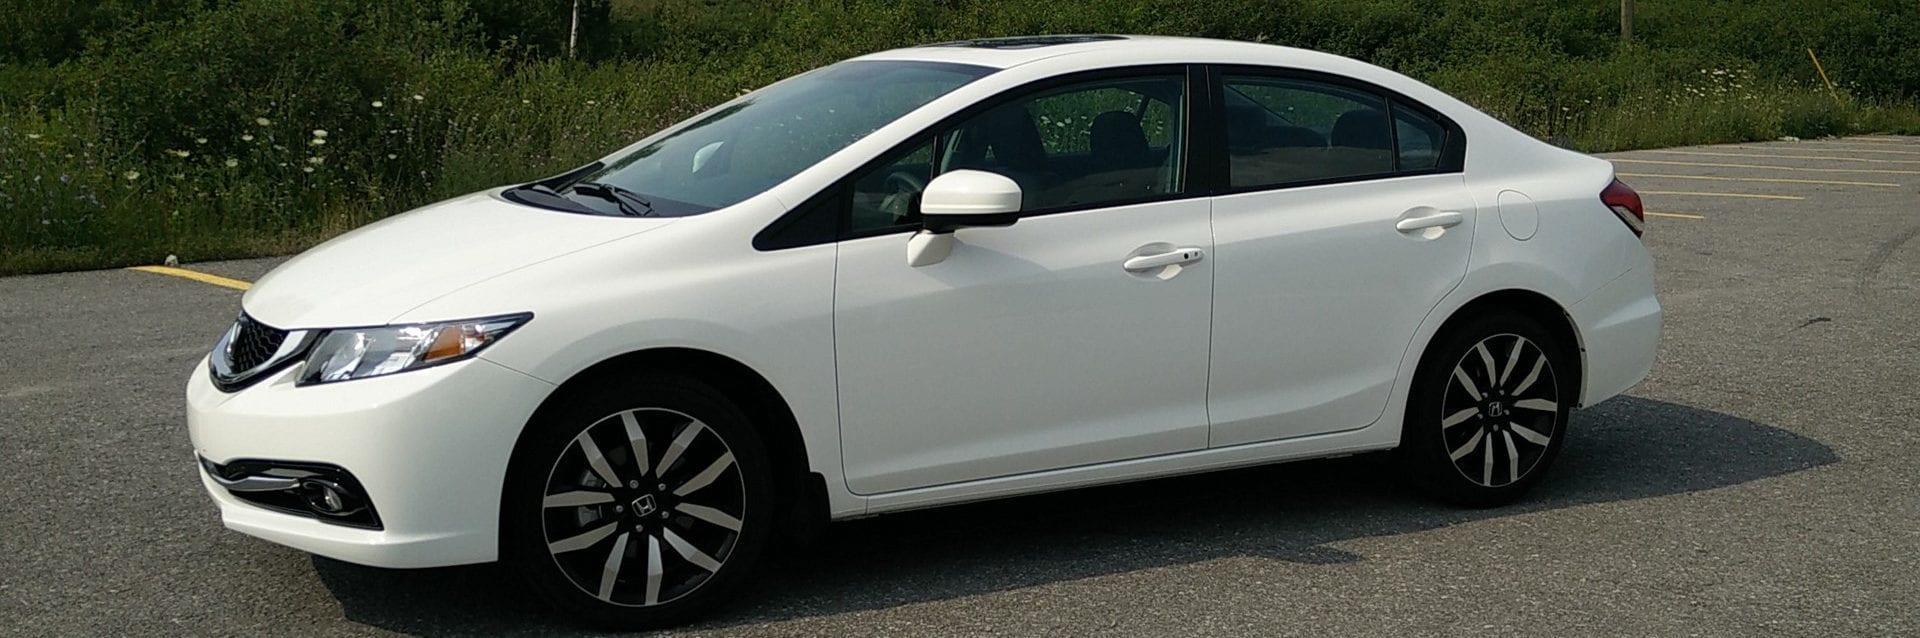 سيارة هوندا سيفيك 2015